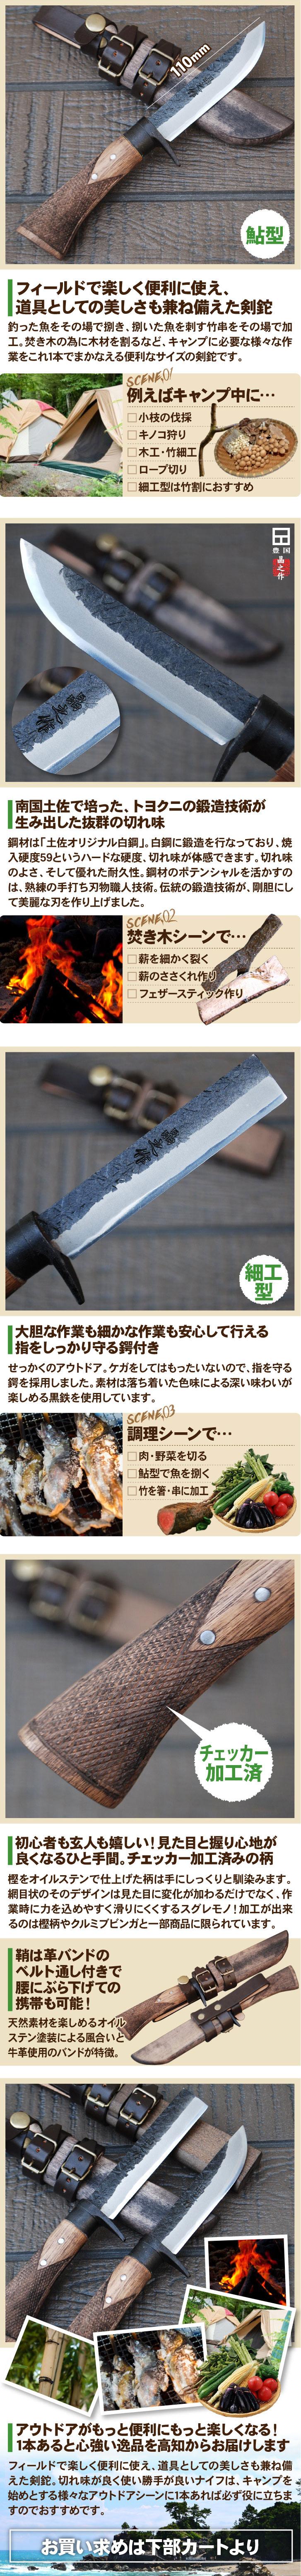 MINI剣鉈